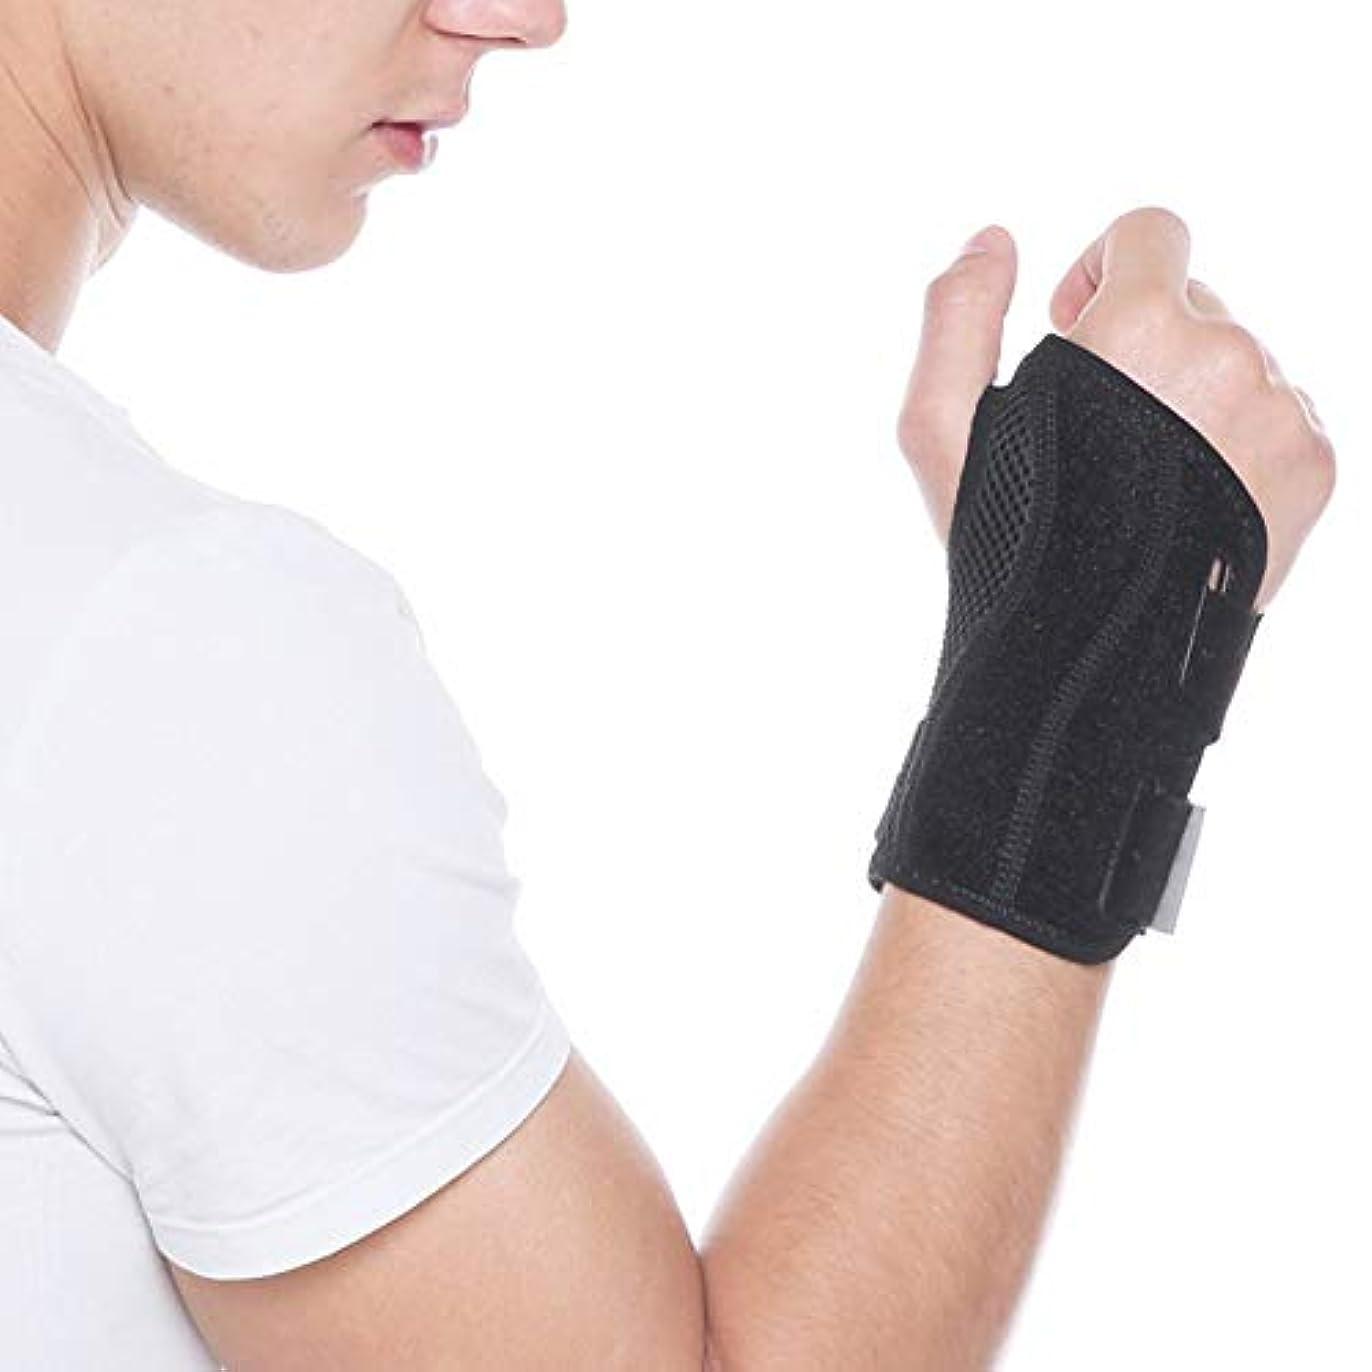 ジョージスティーブンソン薄汚い二次手首のサポートの痛み手根管症候群は、右左手のための安定化のサポートを和らげます